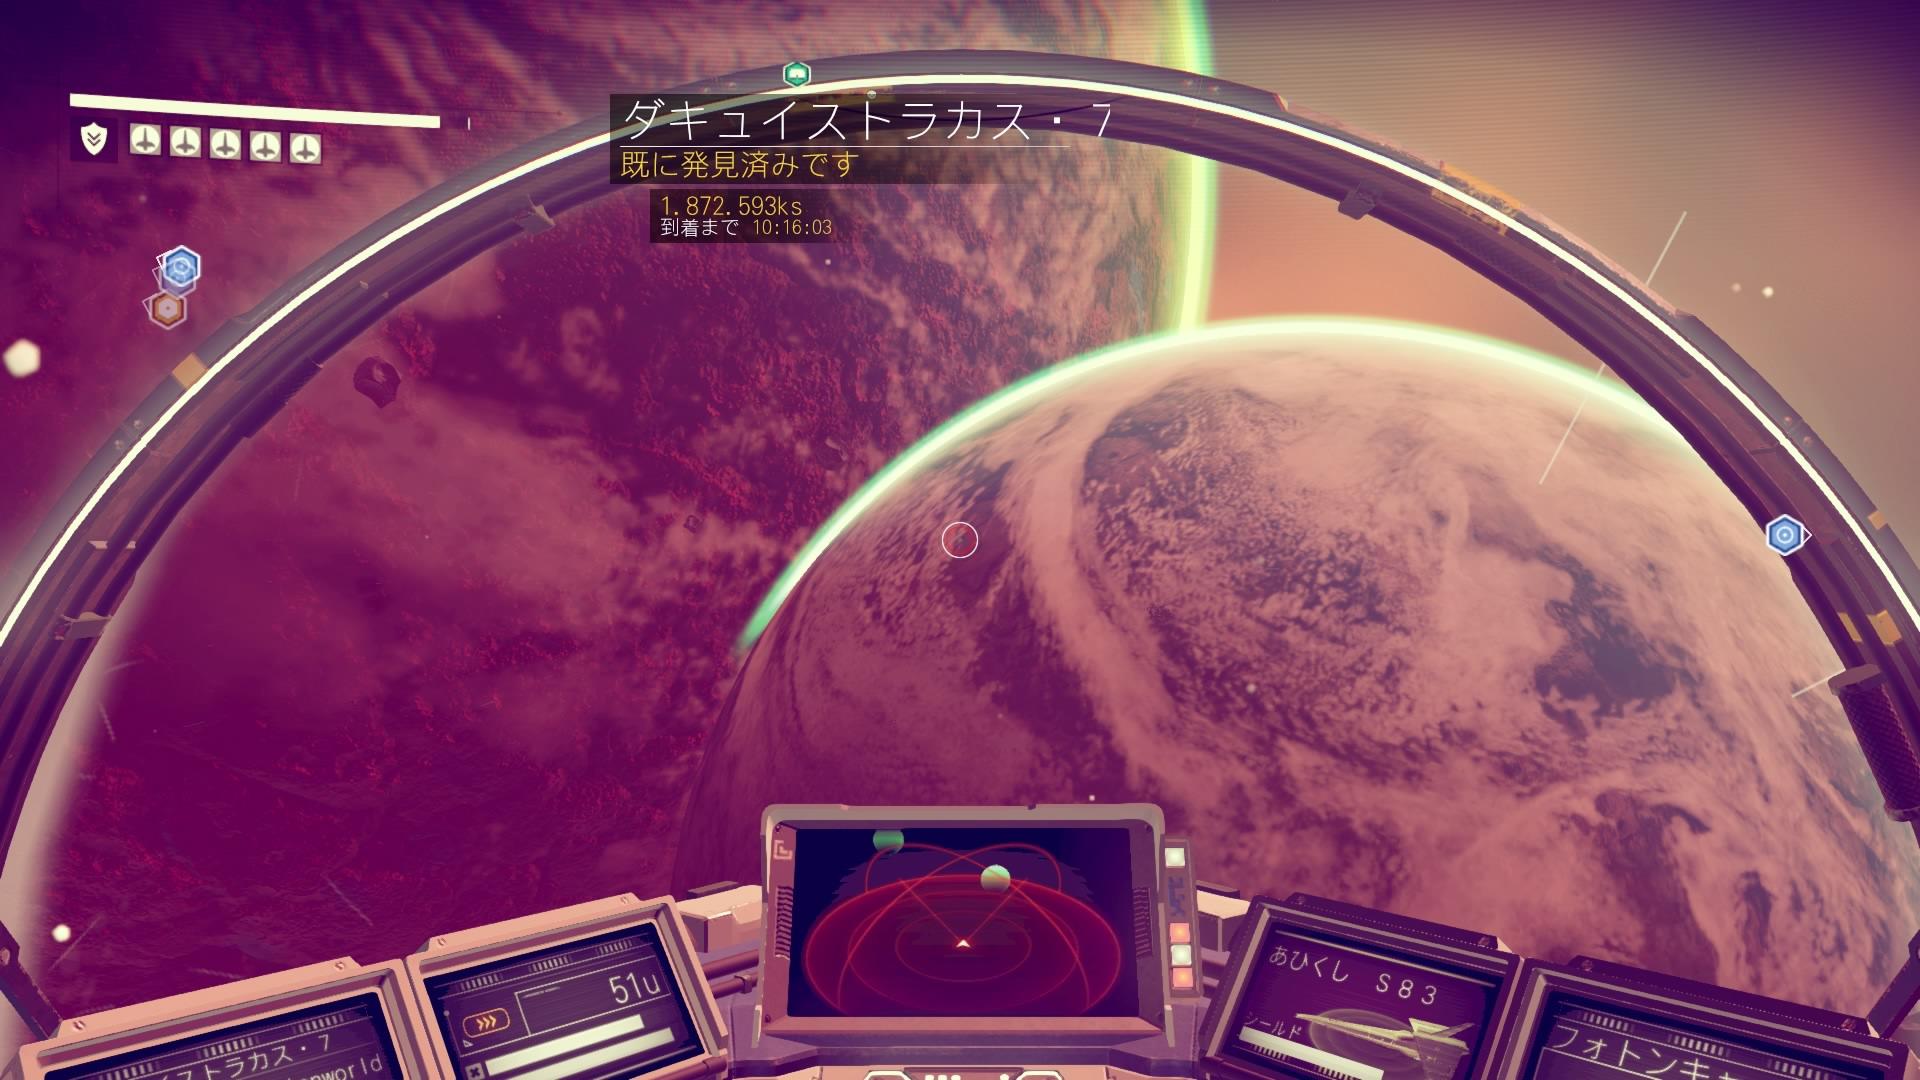 惑星同士が重なって見えても、実際は相当な距離で離れてるのである